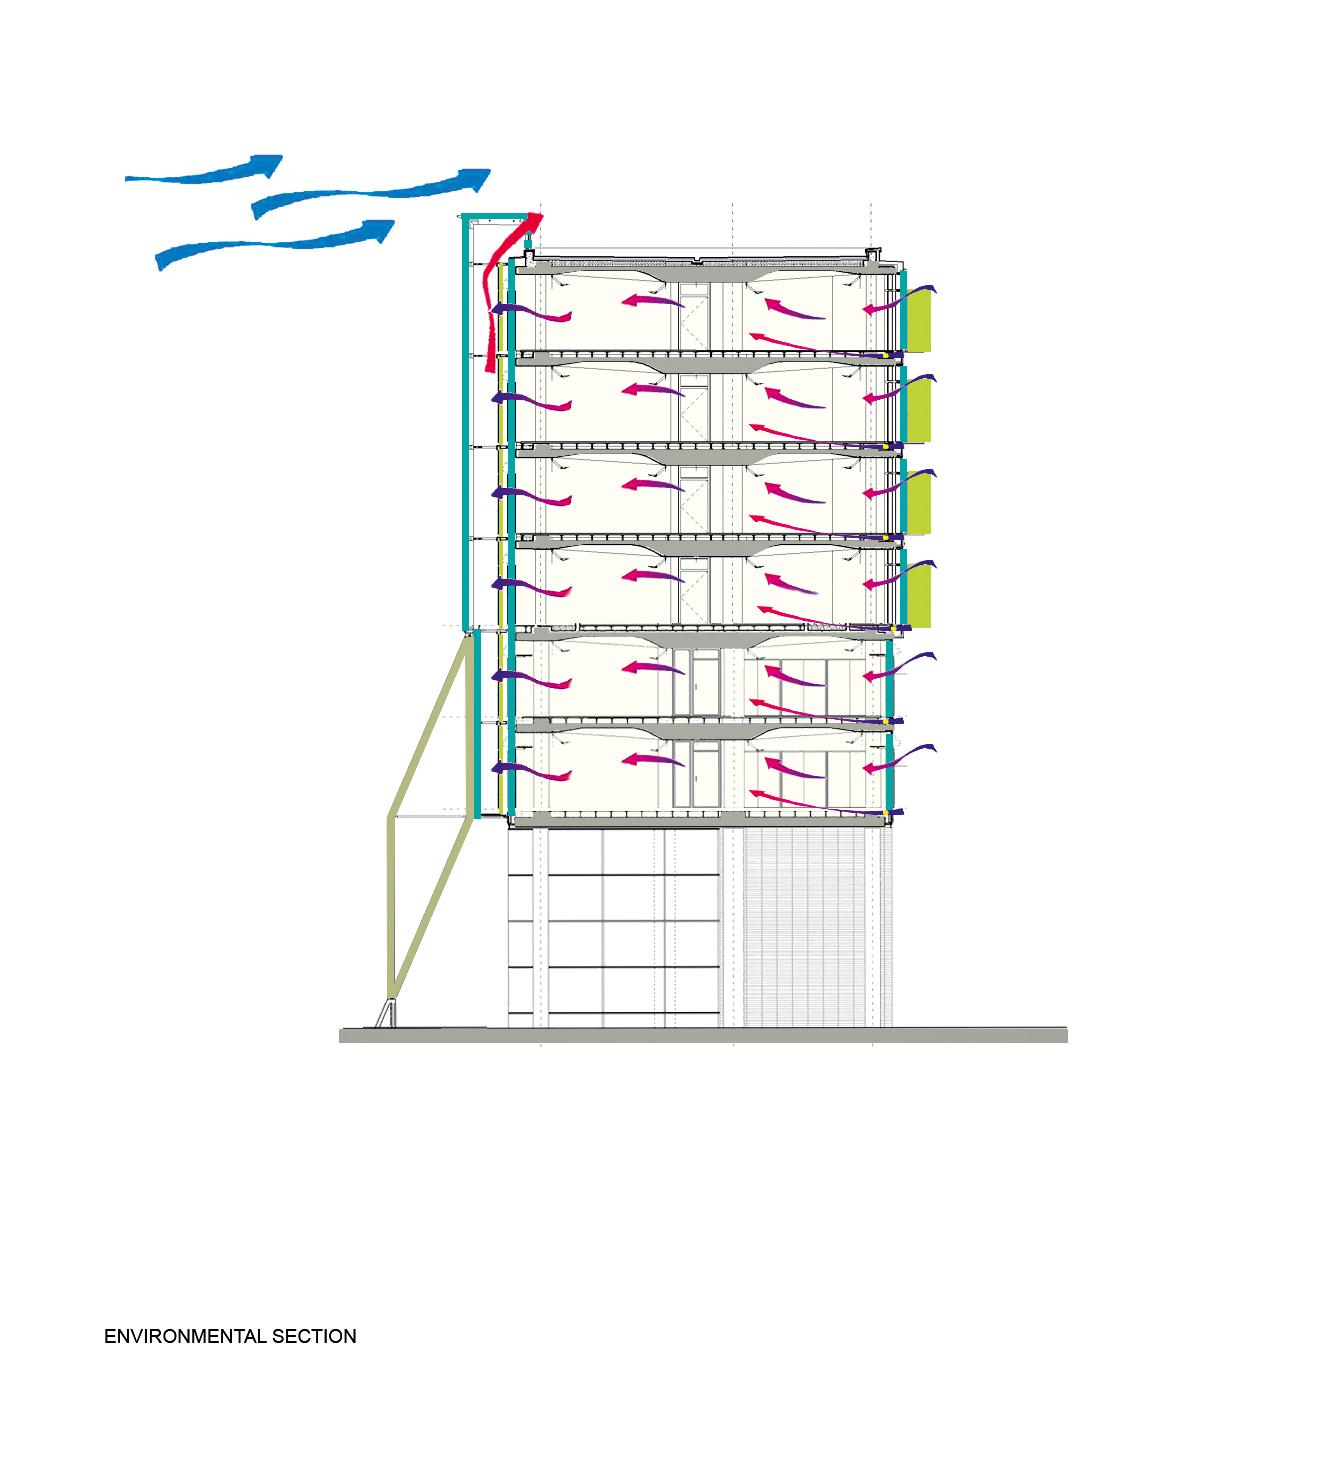 Sezione ambientale: sistema di circolazione naturale dell'aria ottenuto sfruttando l'effetto camino della facciata ventilata